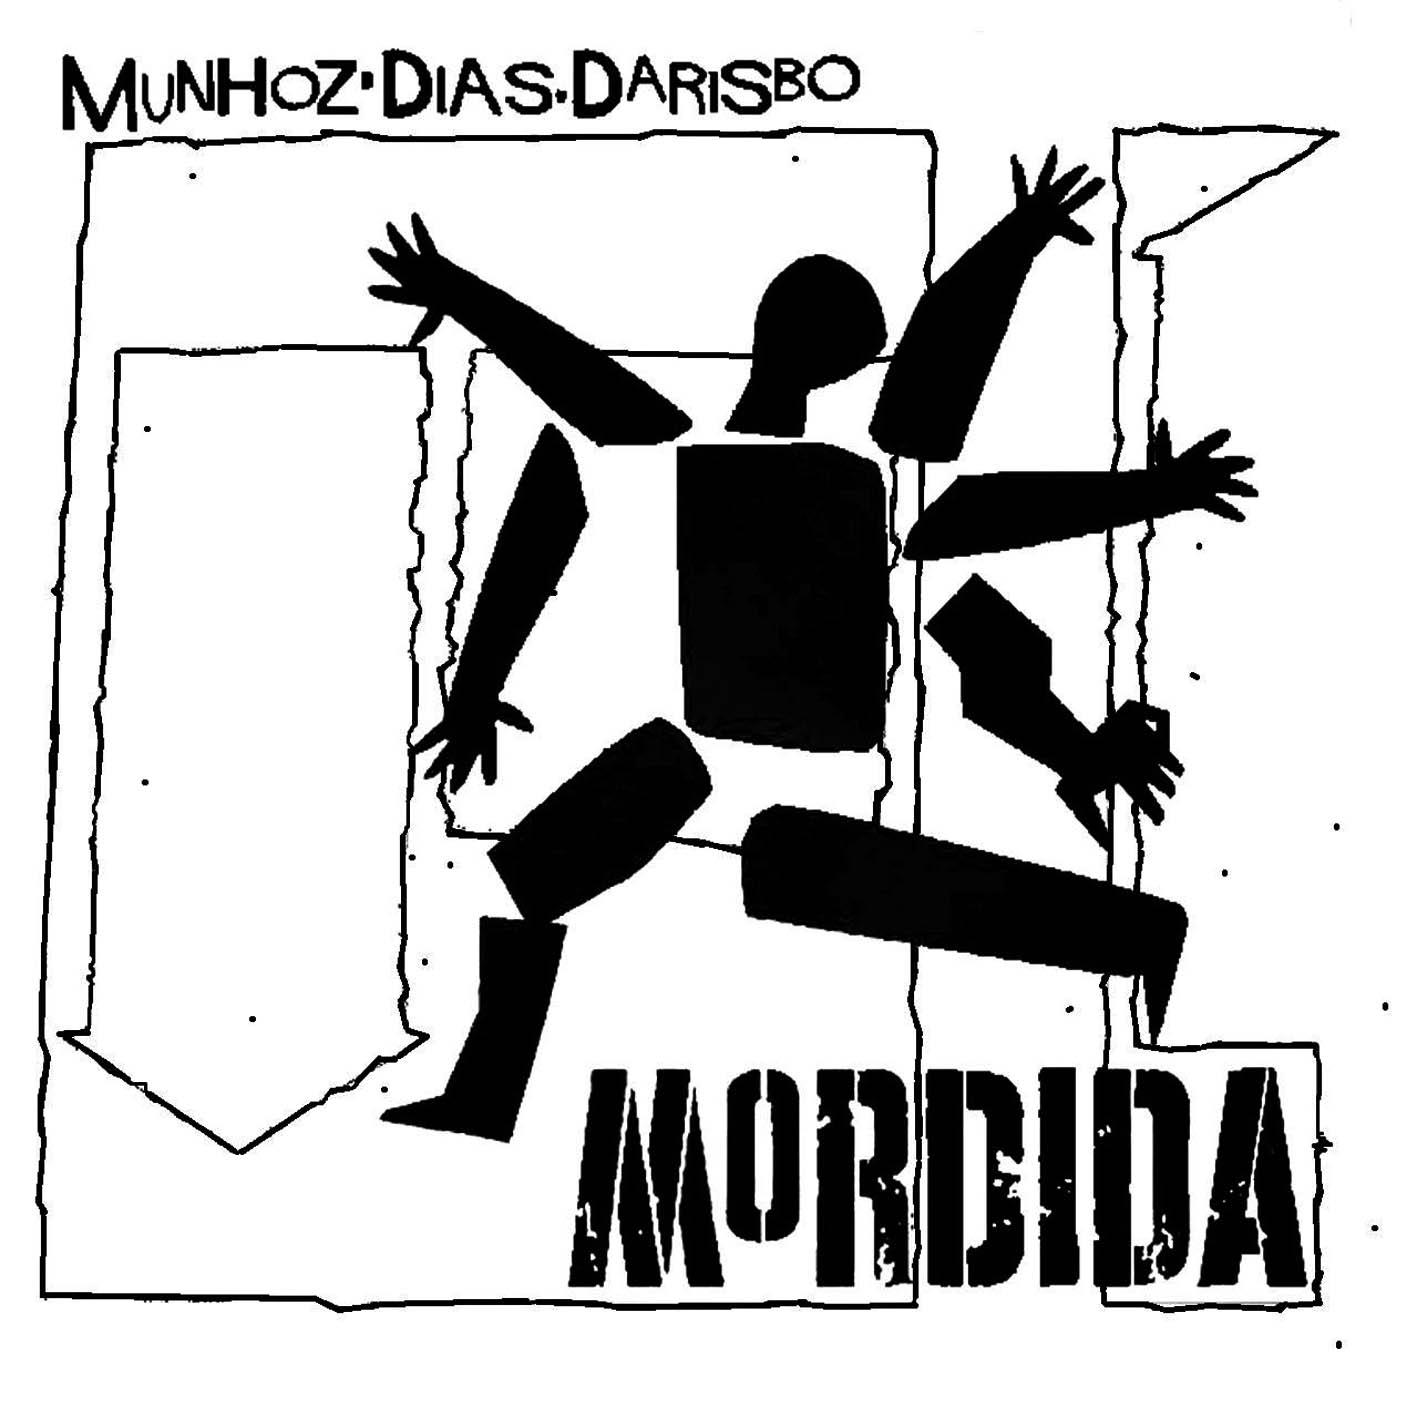 MSRCD071 - MORDIDA